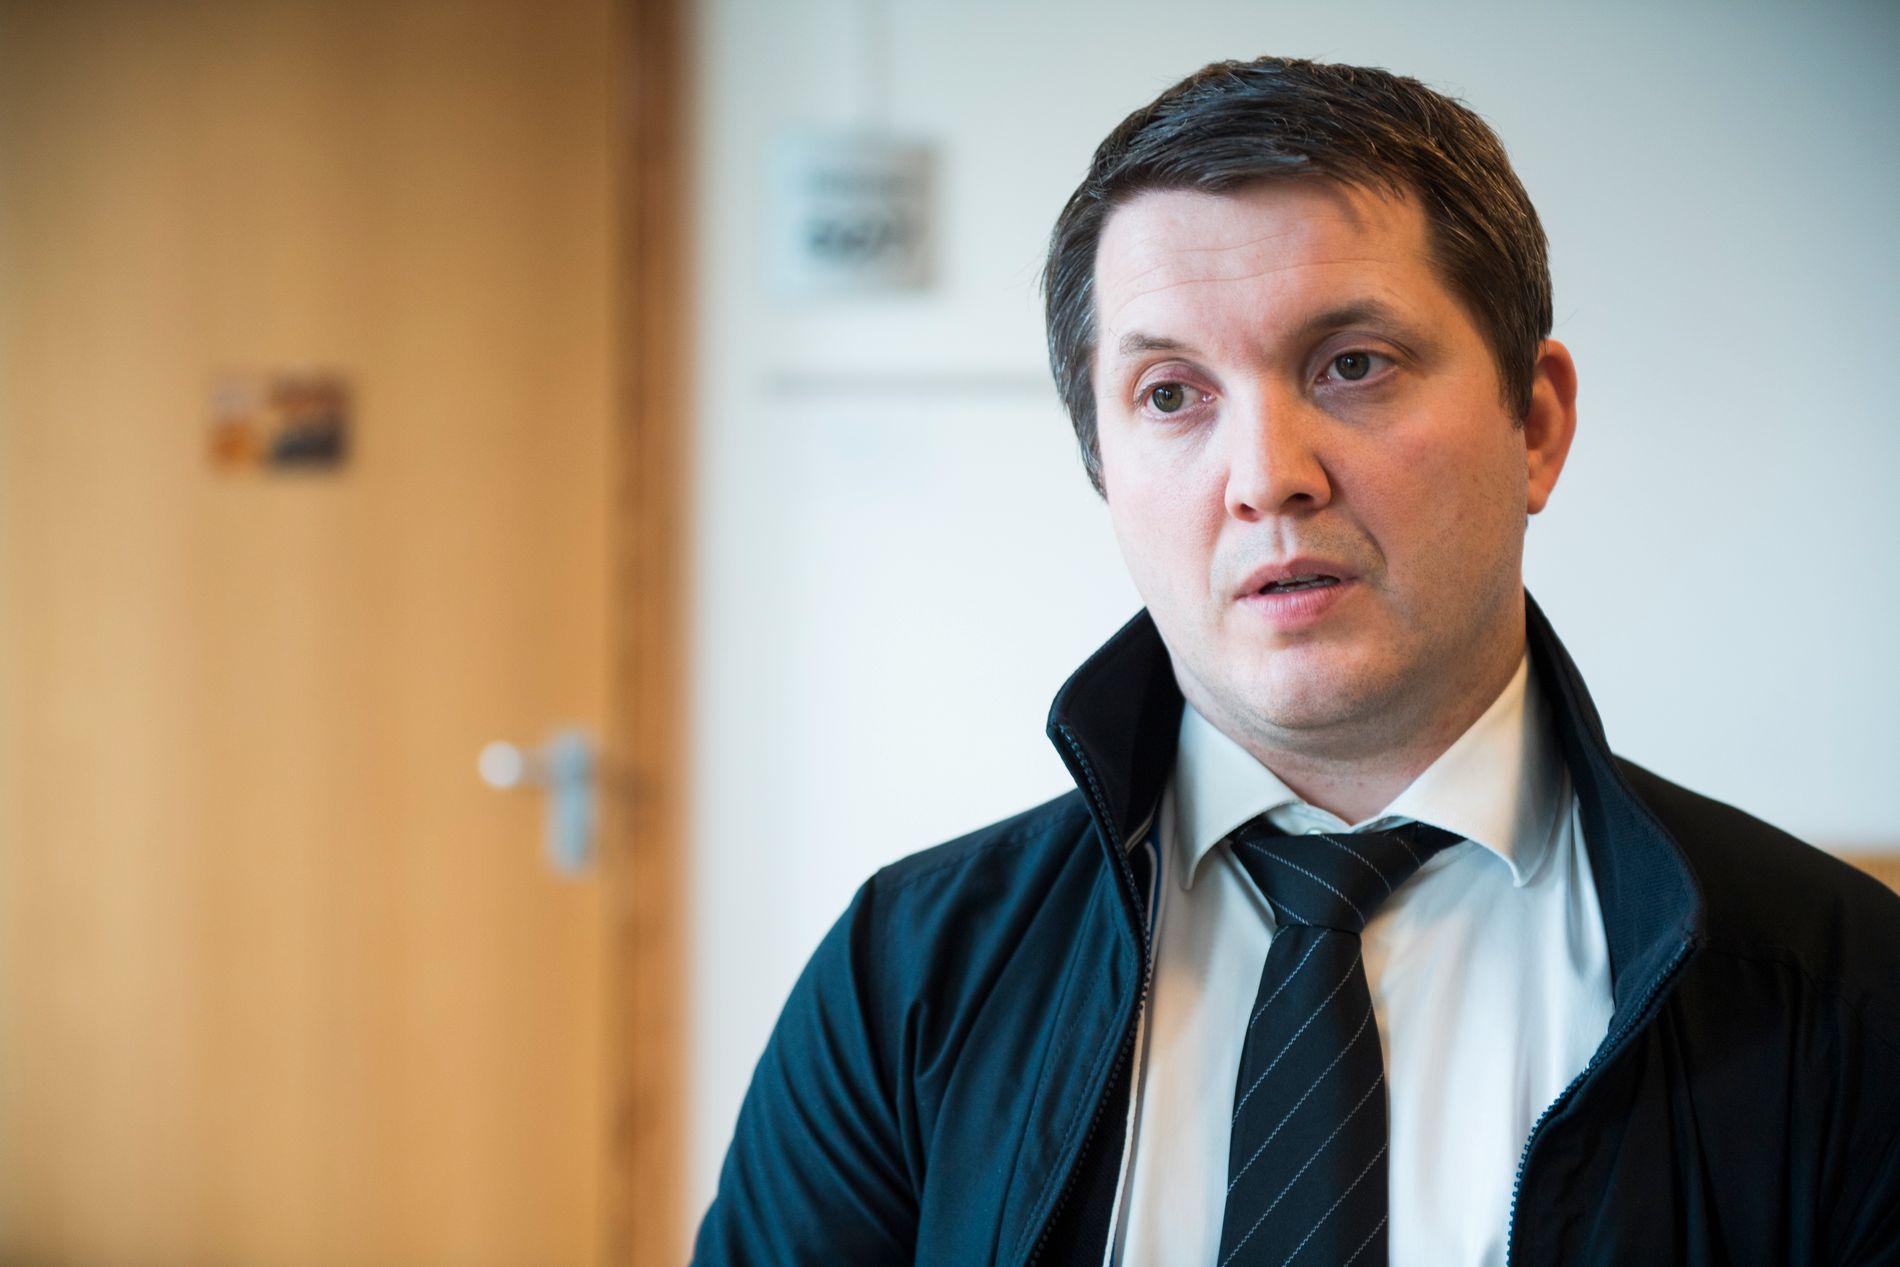 Statsadvokat Andreas Strand erkjenner at kommunikasjonen med politiet var for dårlig og varsler nå at de vil gjennomgå prosessen. Arkivfoto: Jon Olav Nesvold / NTB scanpix